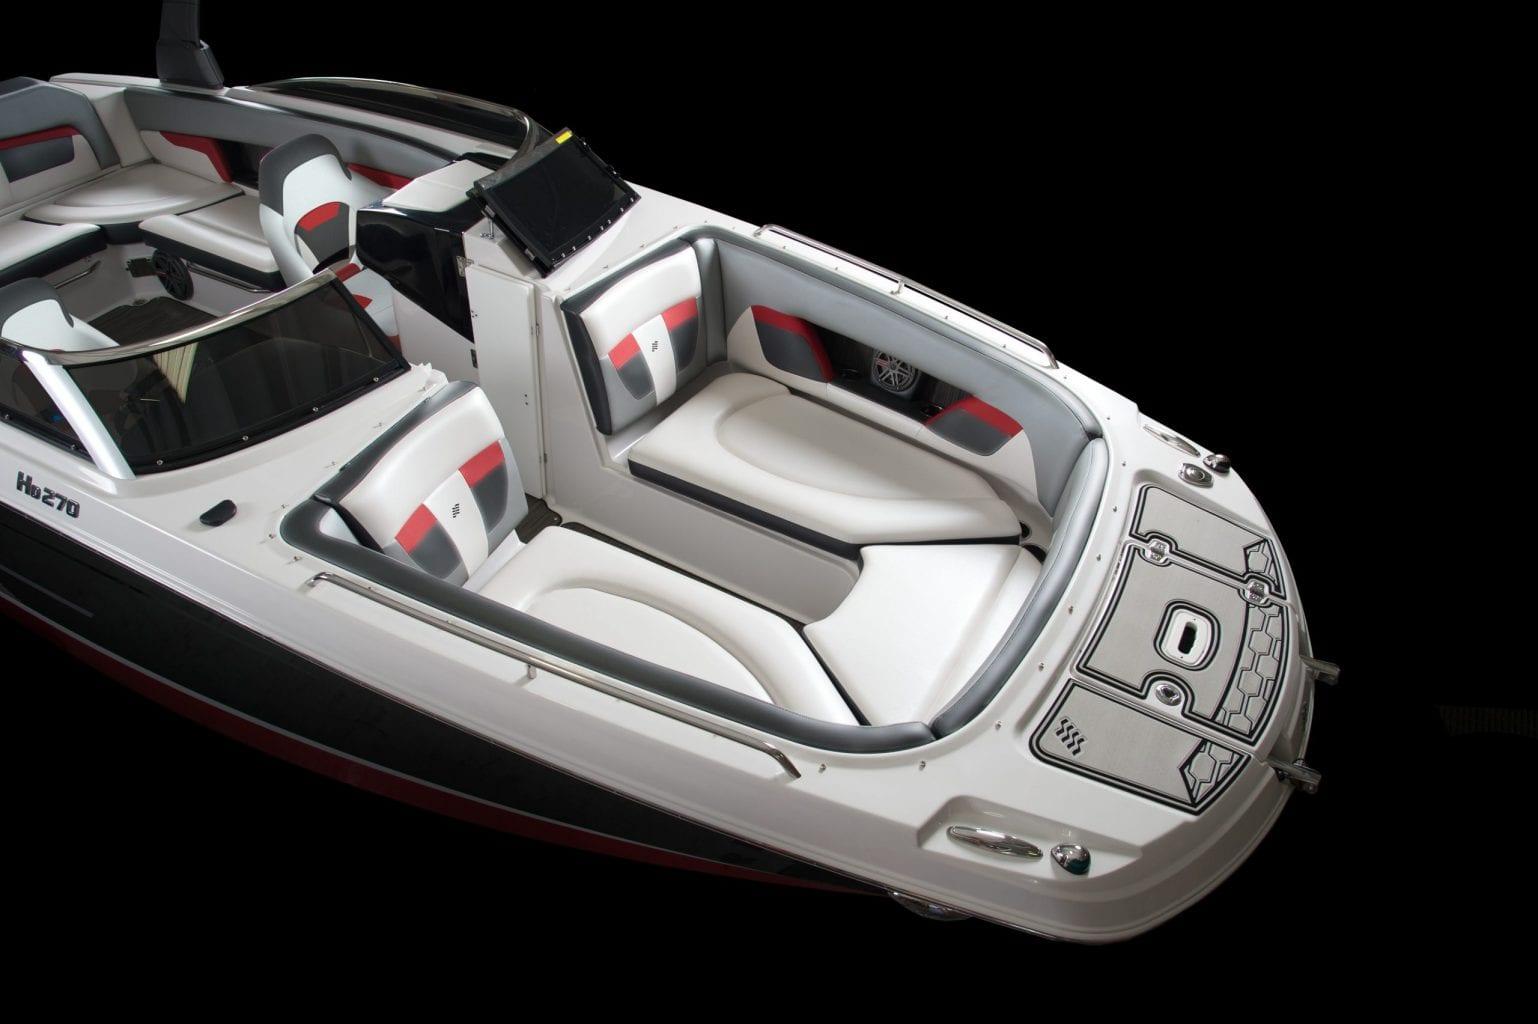 סירת מנוע (ספורט) Four Winns 270 - סטרים יאכטות